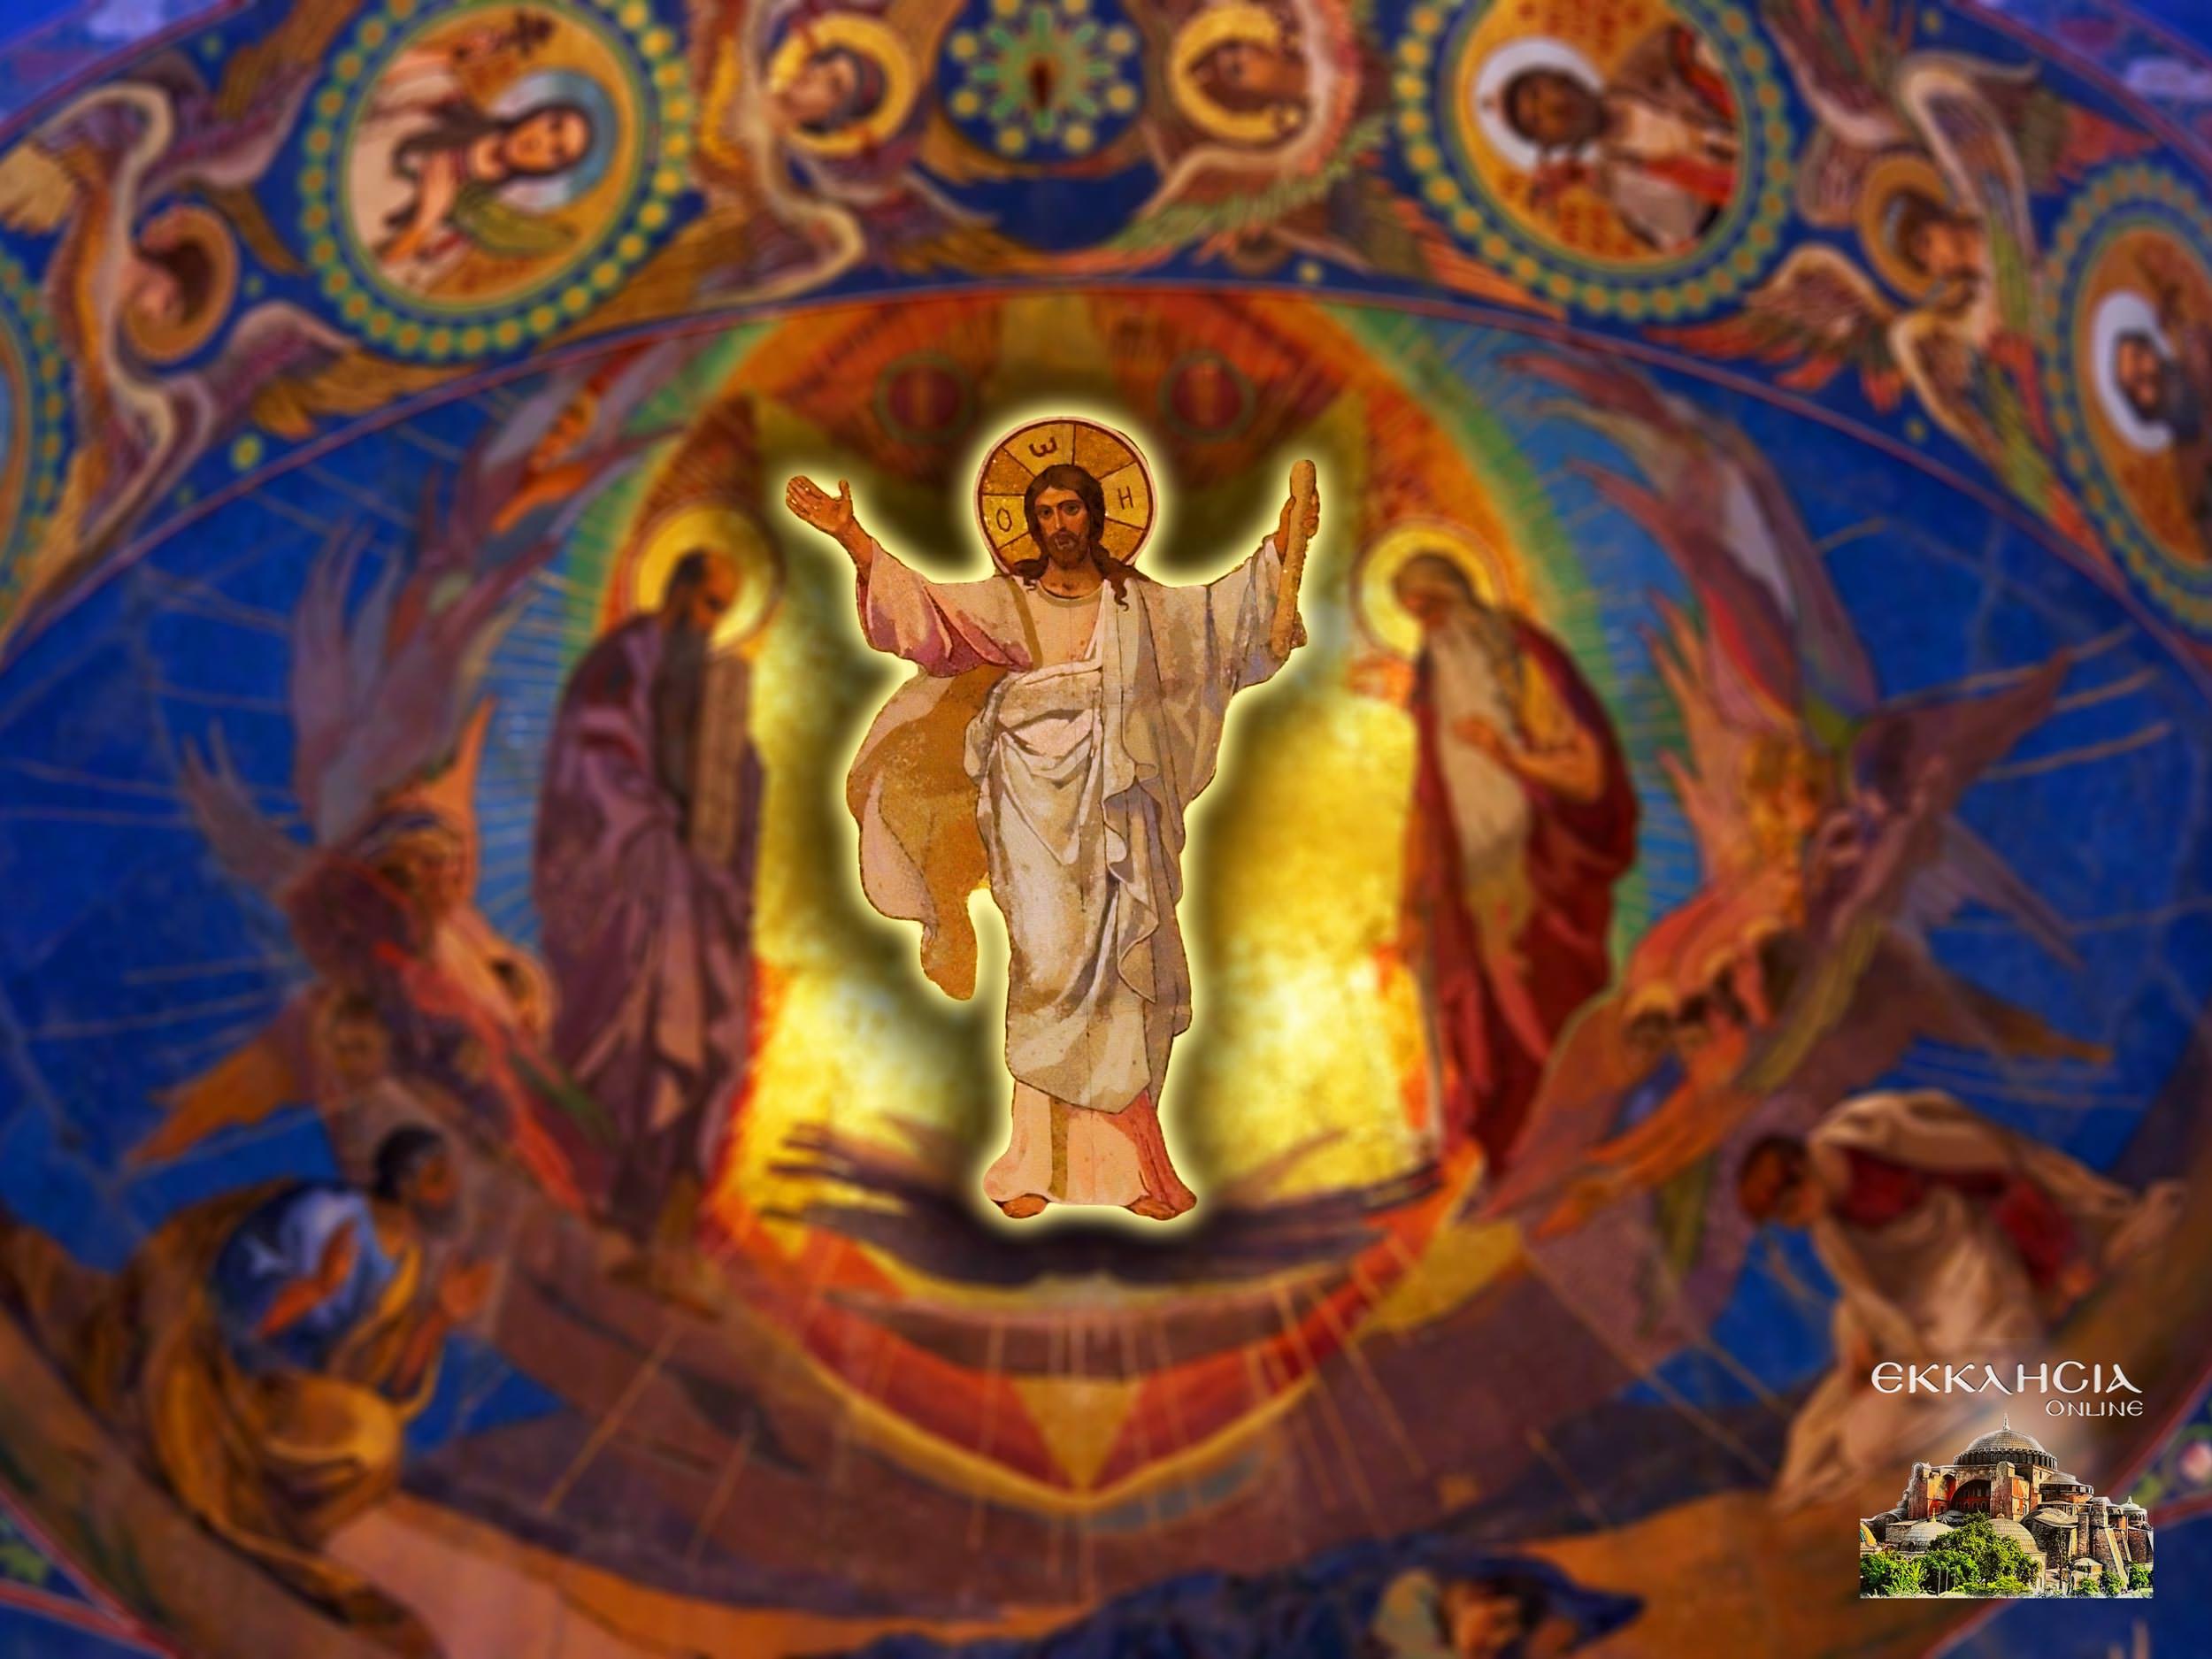 Μεταμορφώσεως του Σωτήρος Χριστού